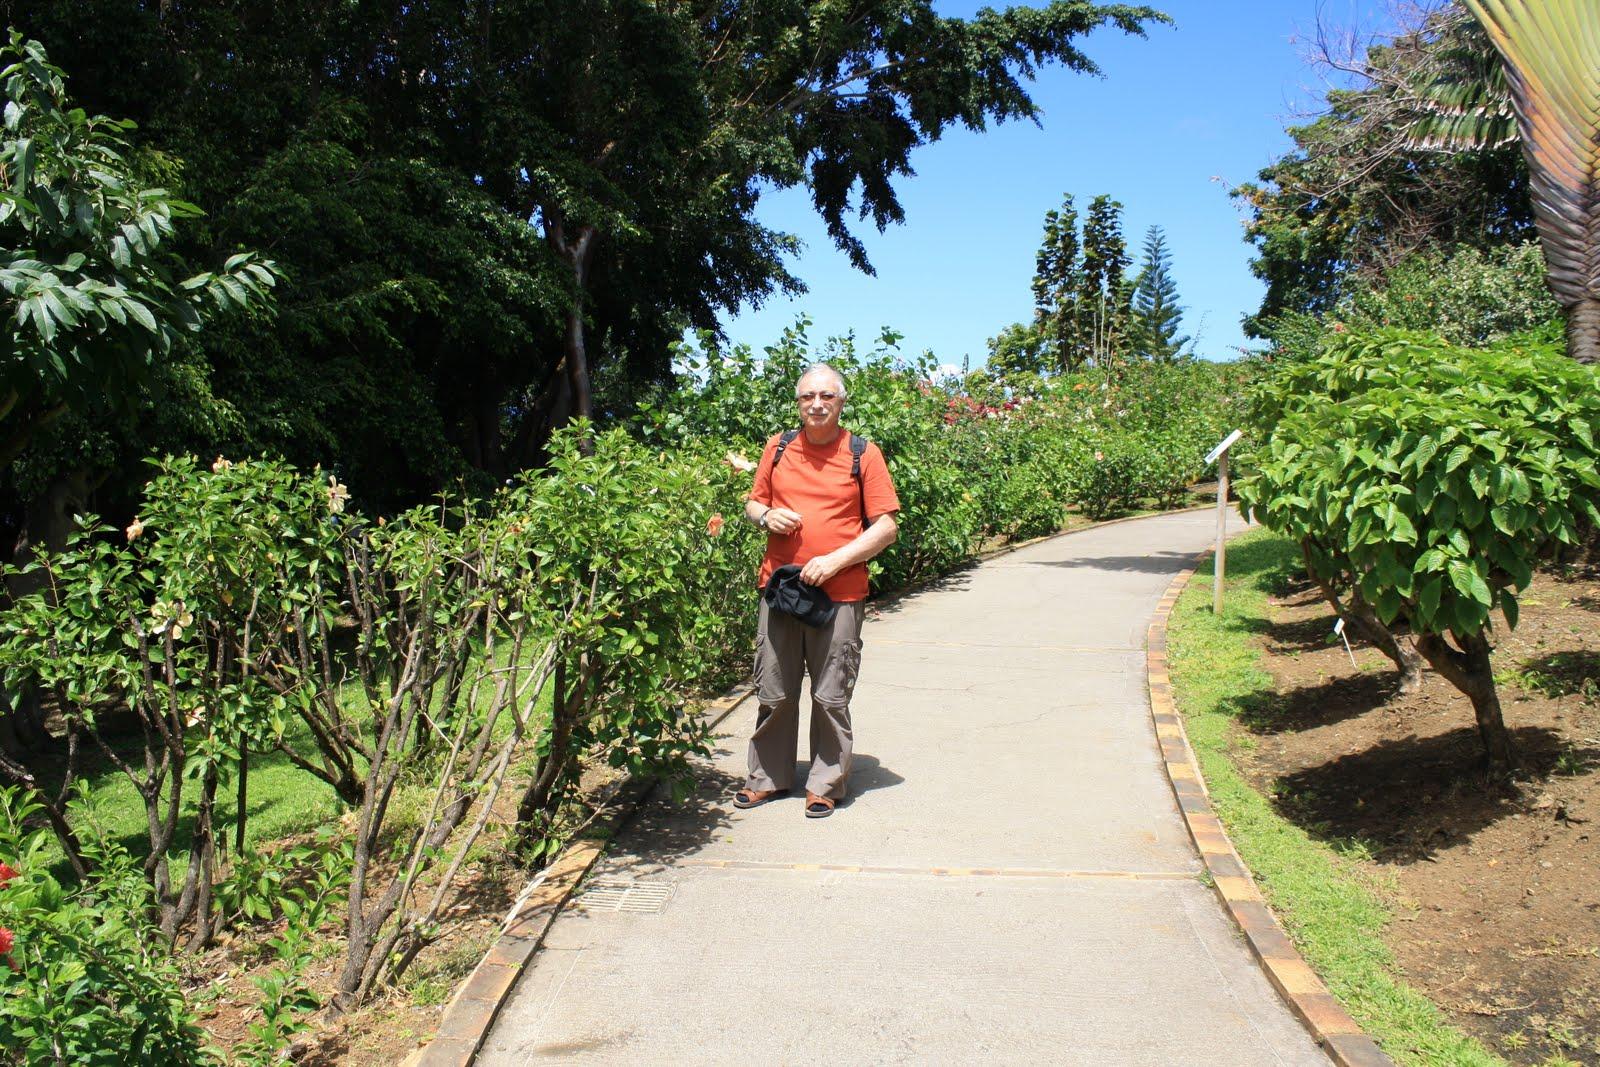 Vacances dans l 39 ile papillon le jardin botanique de for Le jardin ou l on s attarde